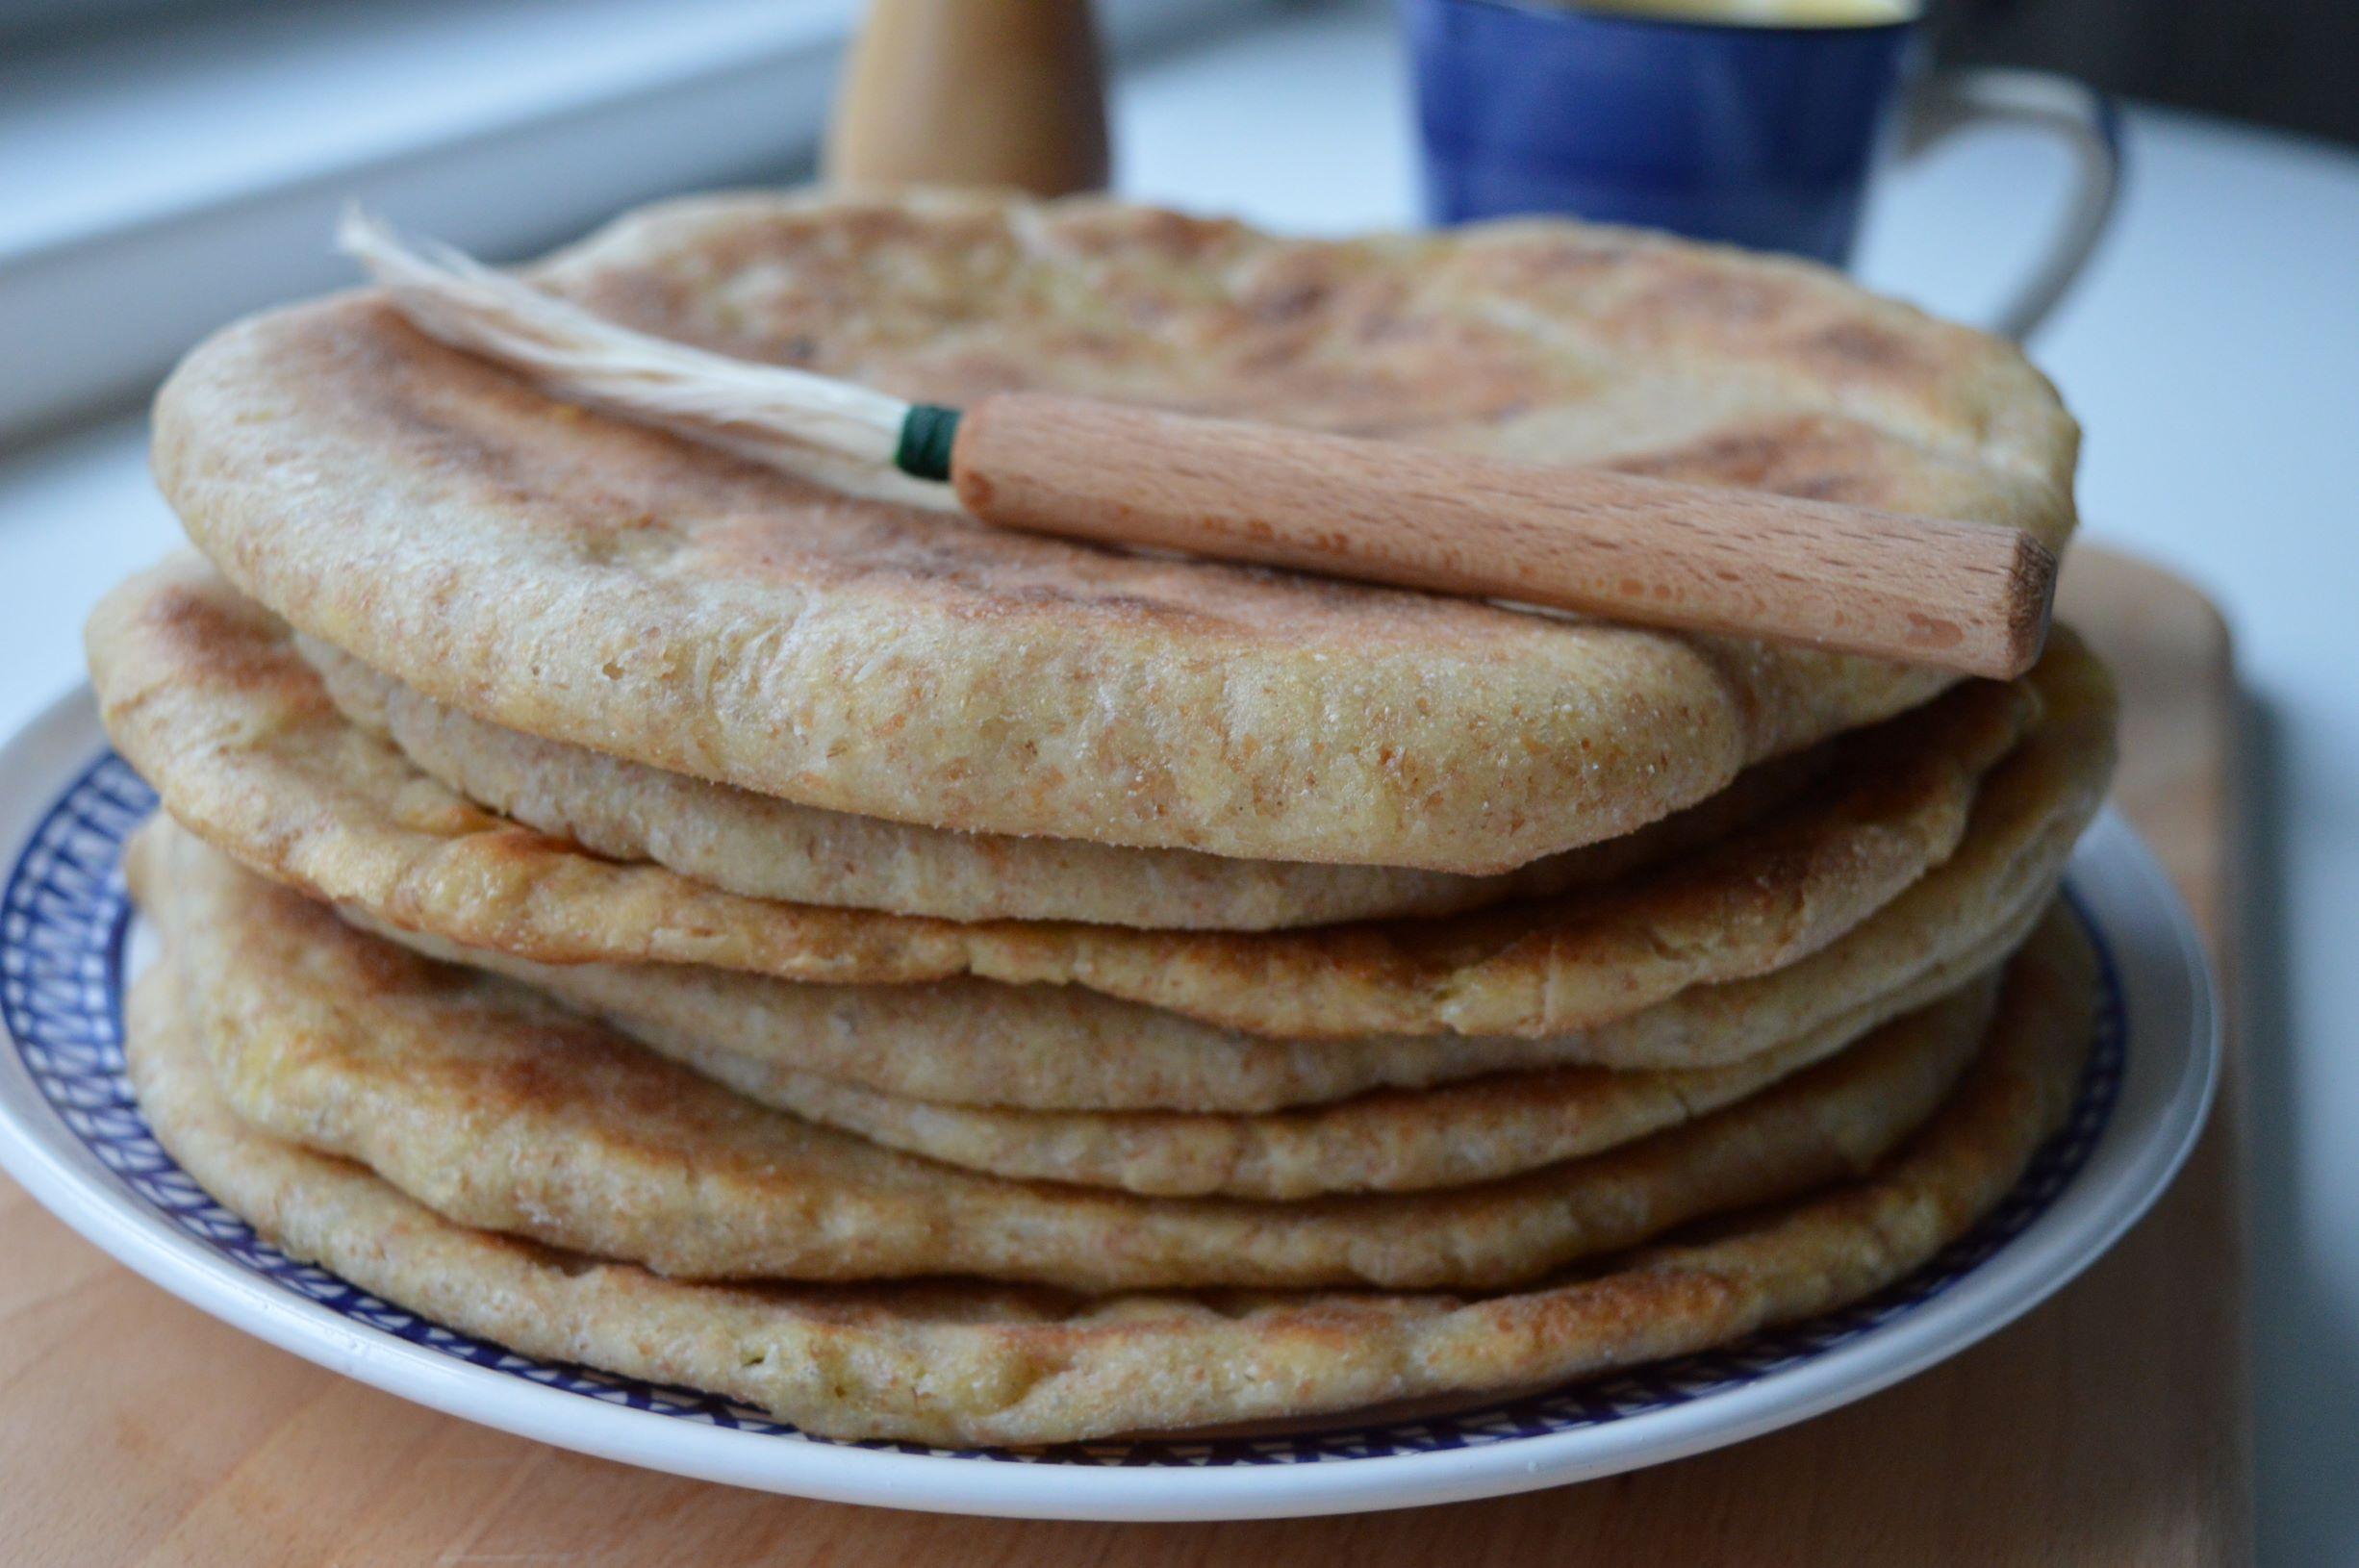 potato bread cakes, profile photo